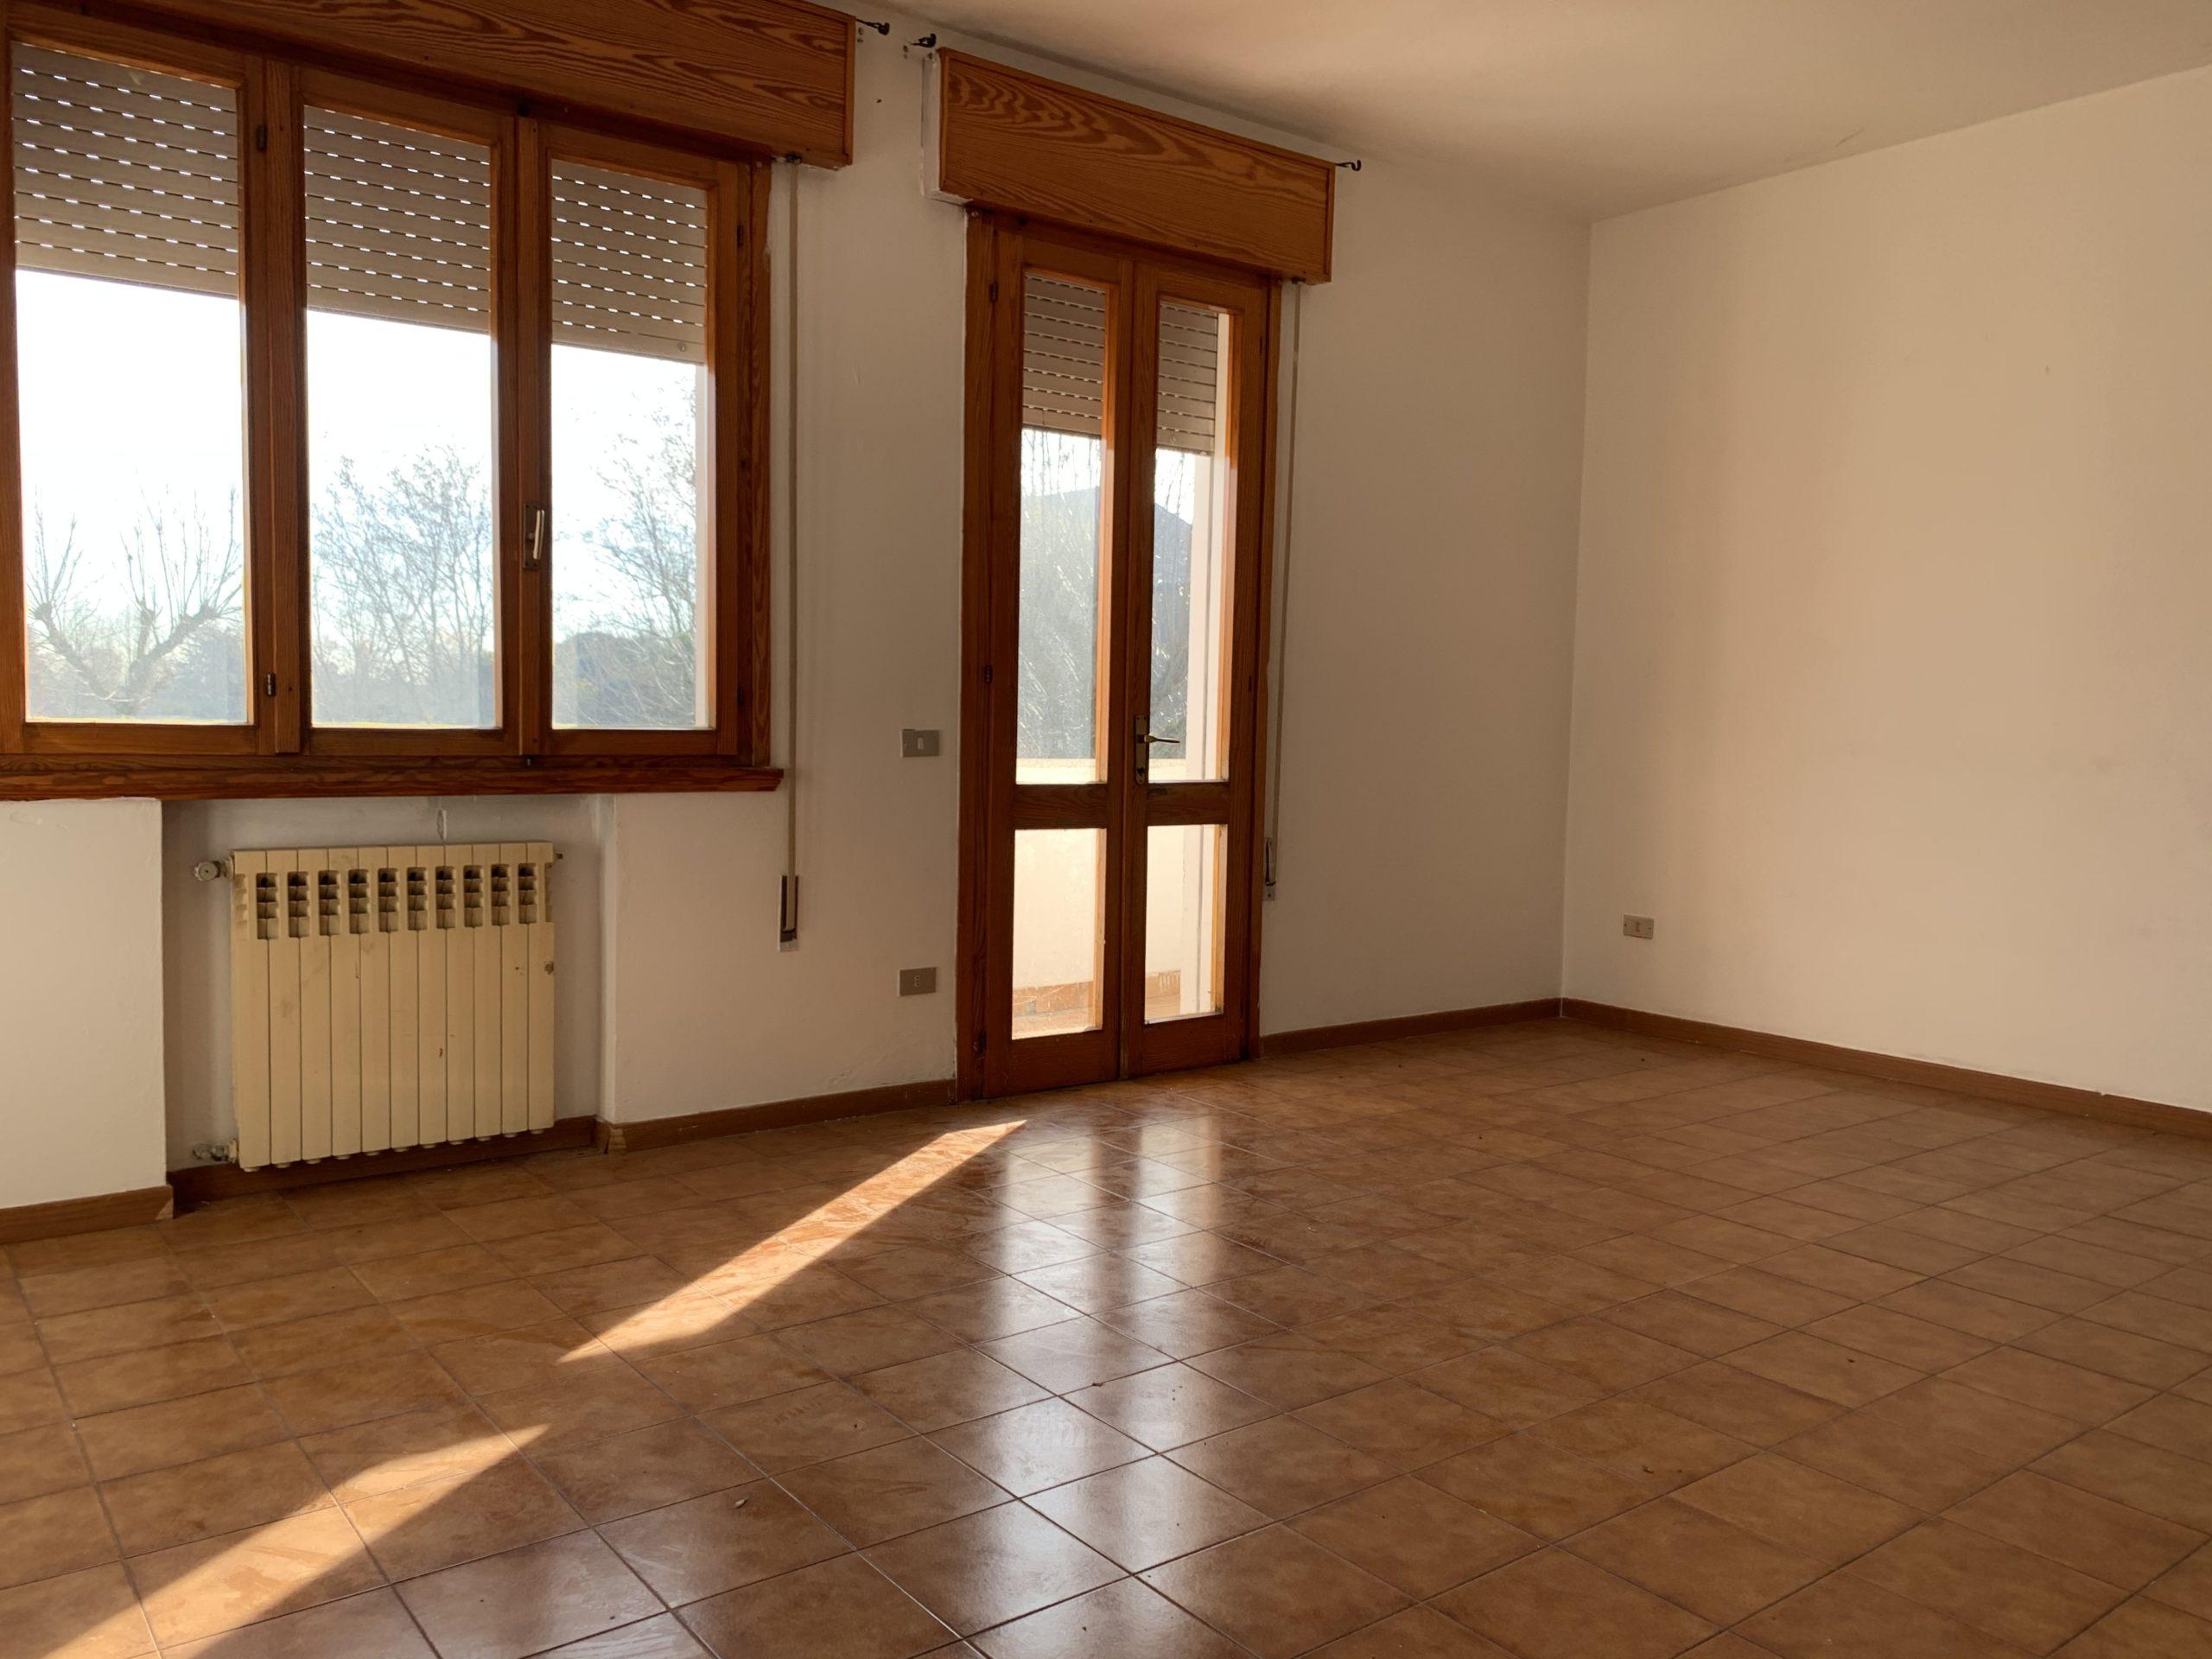 CASALSERUGO, proponiamo in vendita appartamento con due camere e studio